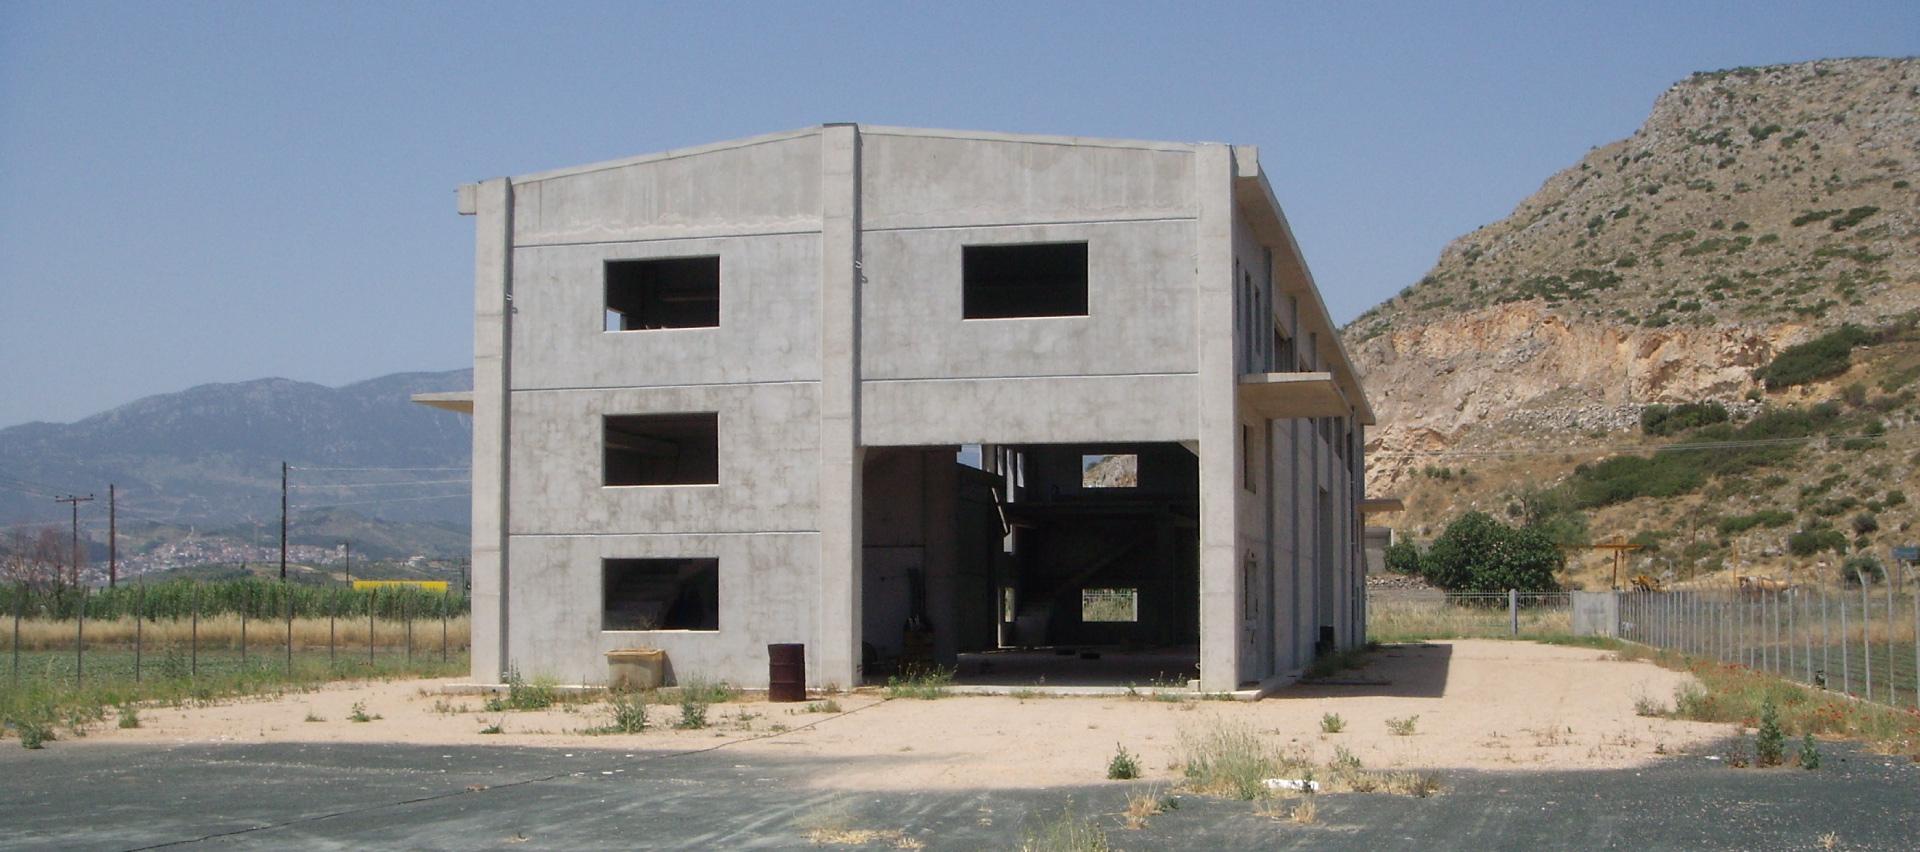 Κατασκευή Εγκαταστάσεων Ξυλοβοιωτική ΞΑΑ-ΠΛΕΞ cover image